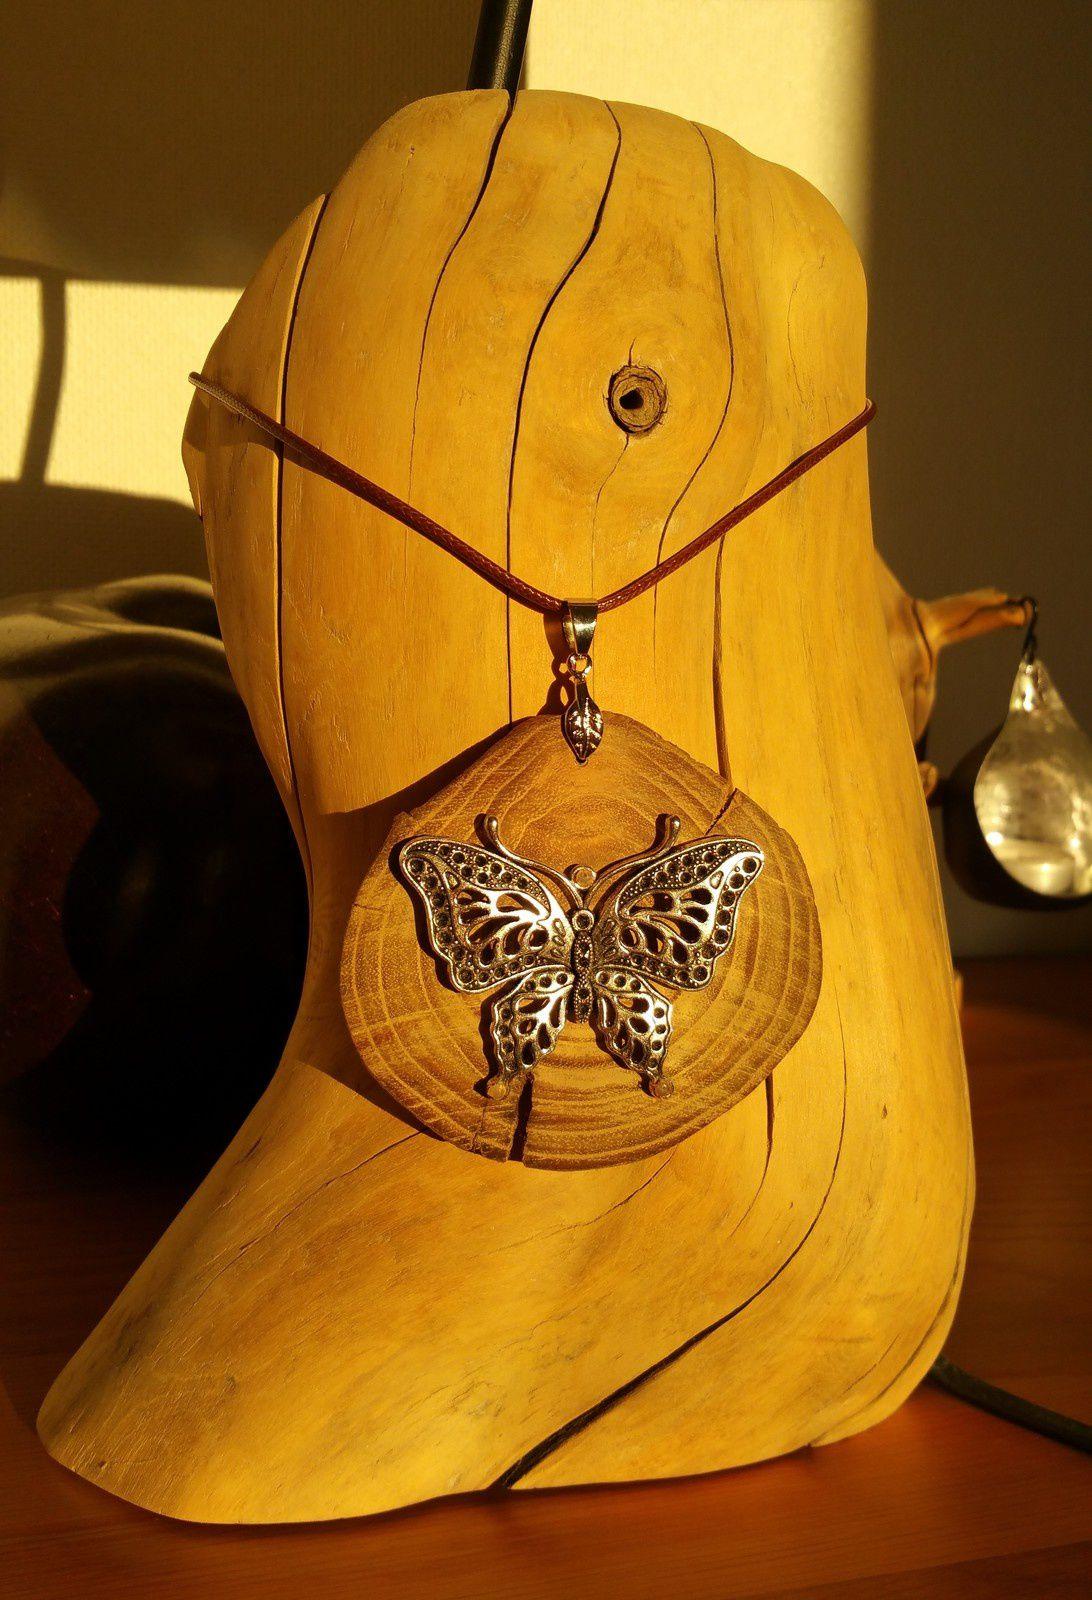 Toujours des bijoux en bois flotté !